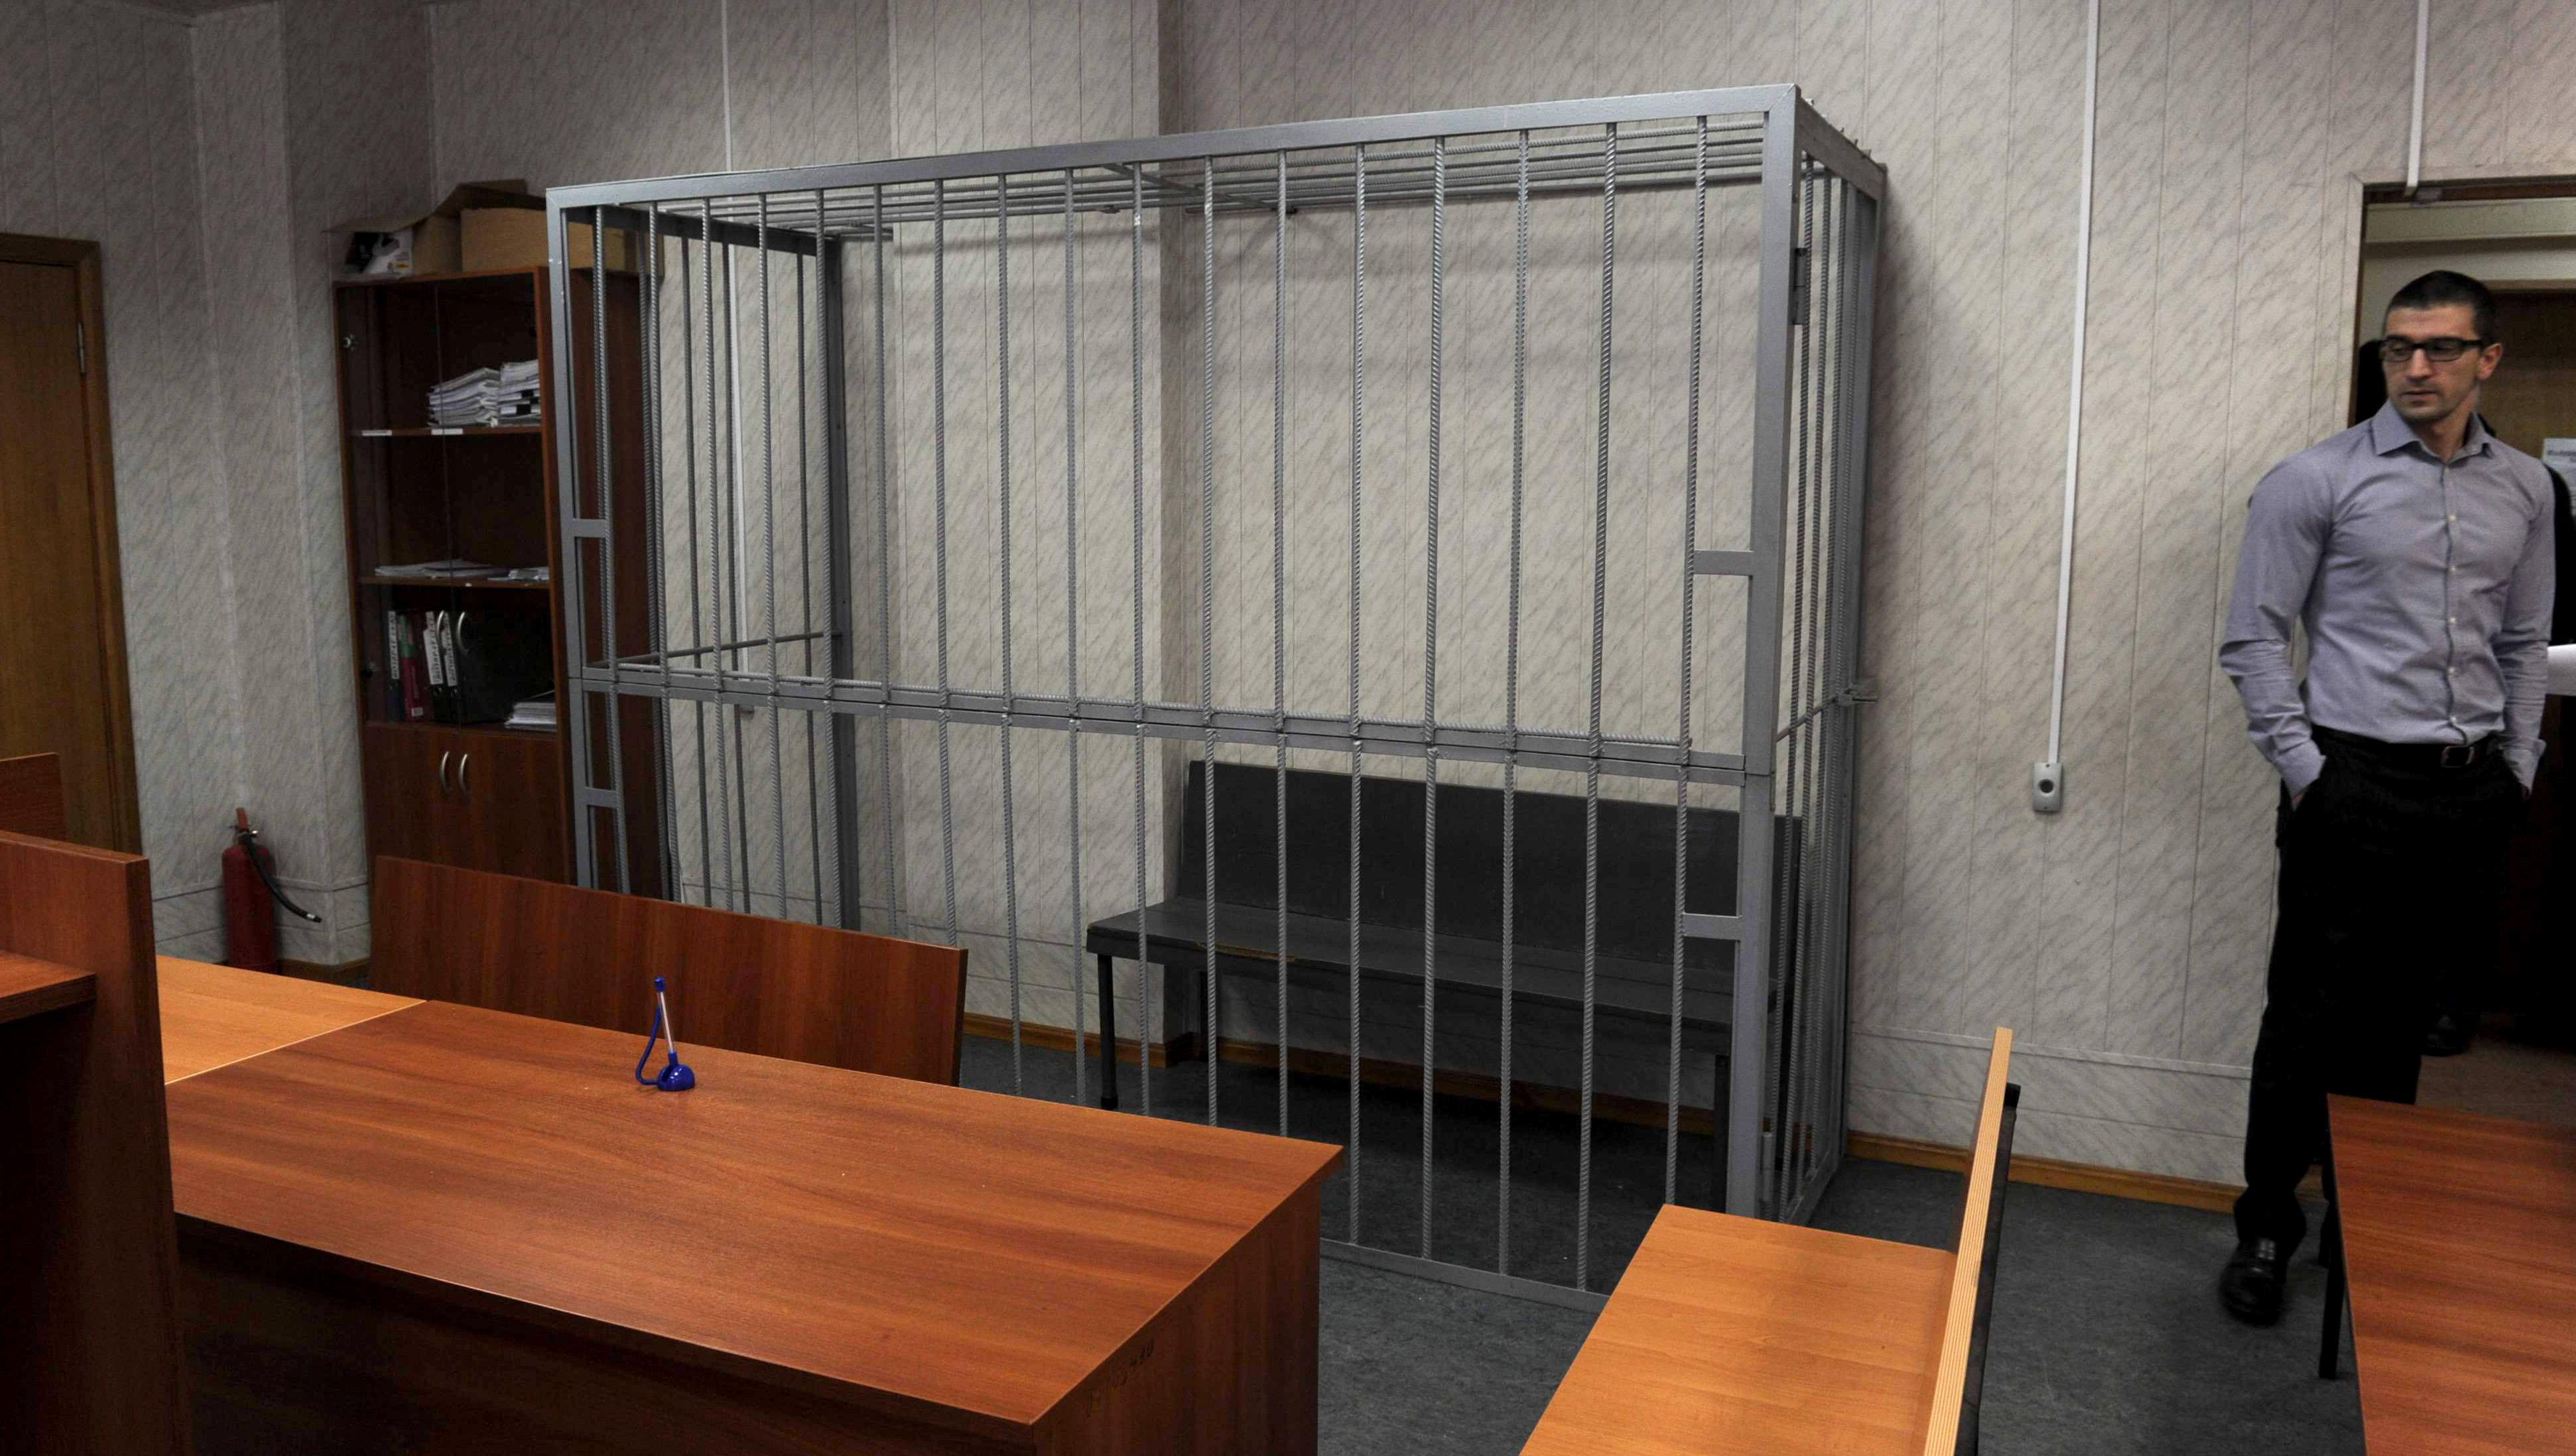 Strasbourg: Gumibottal verték a börtönben, és nem kapott rendes orvosi ellátást Szergej Magnyitszkij